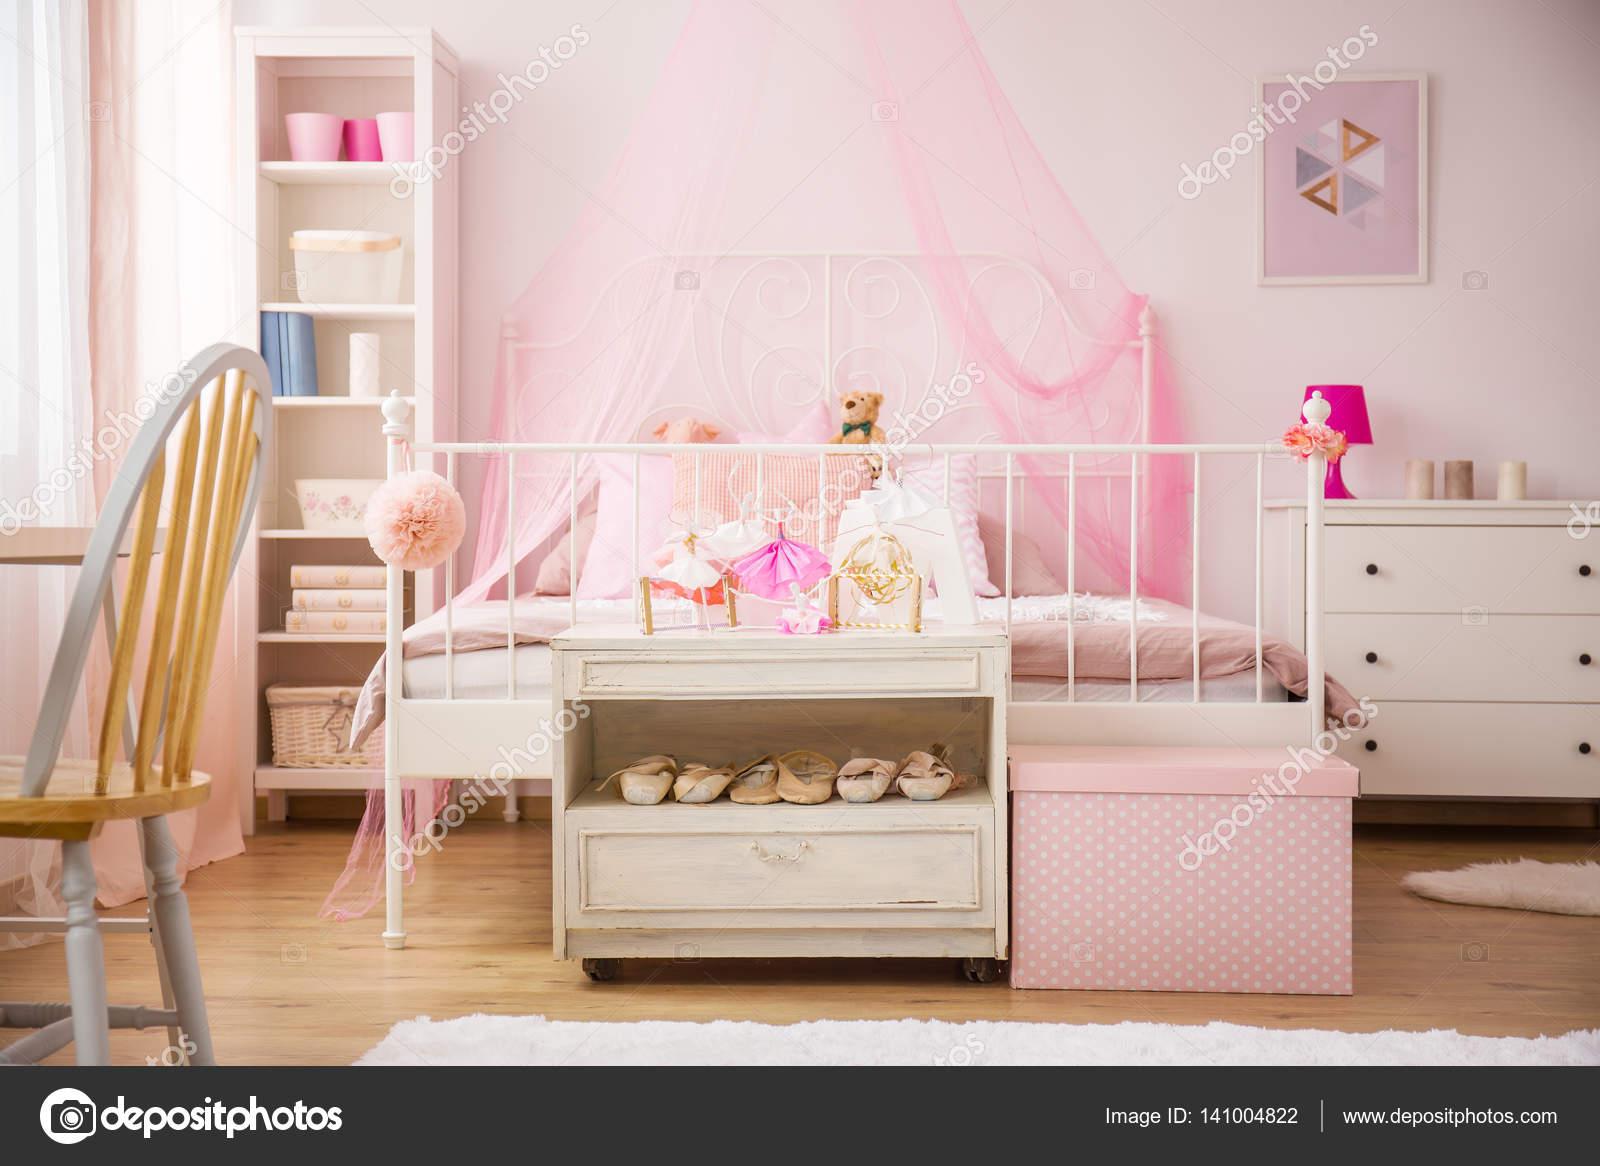 Camera da letto con letto a baldacchino rosa — Foto Stock ...